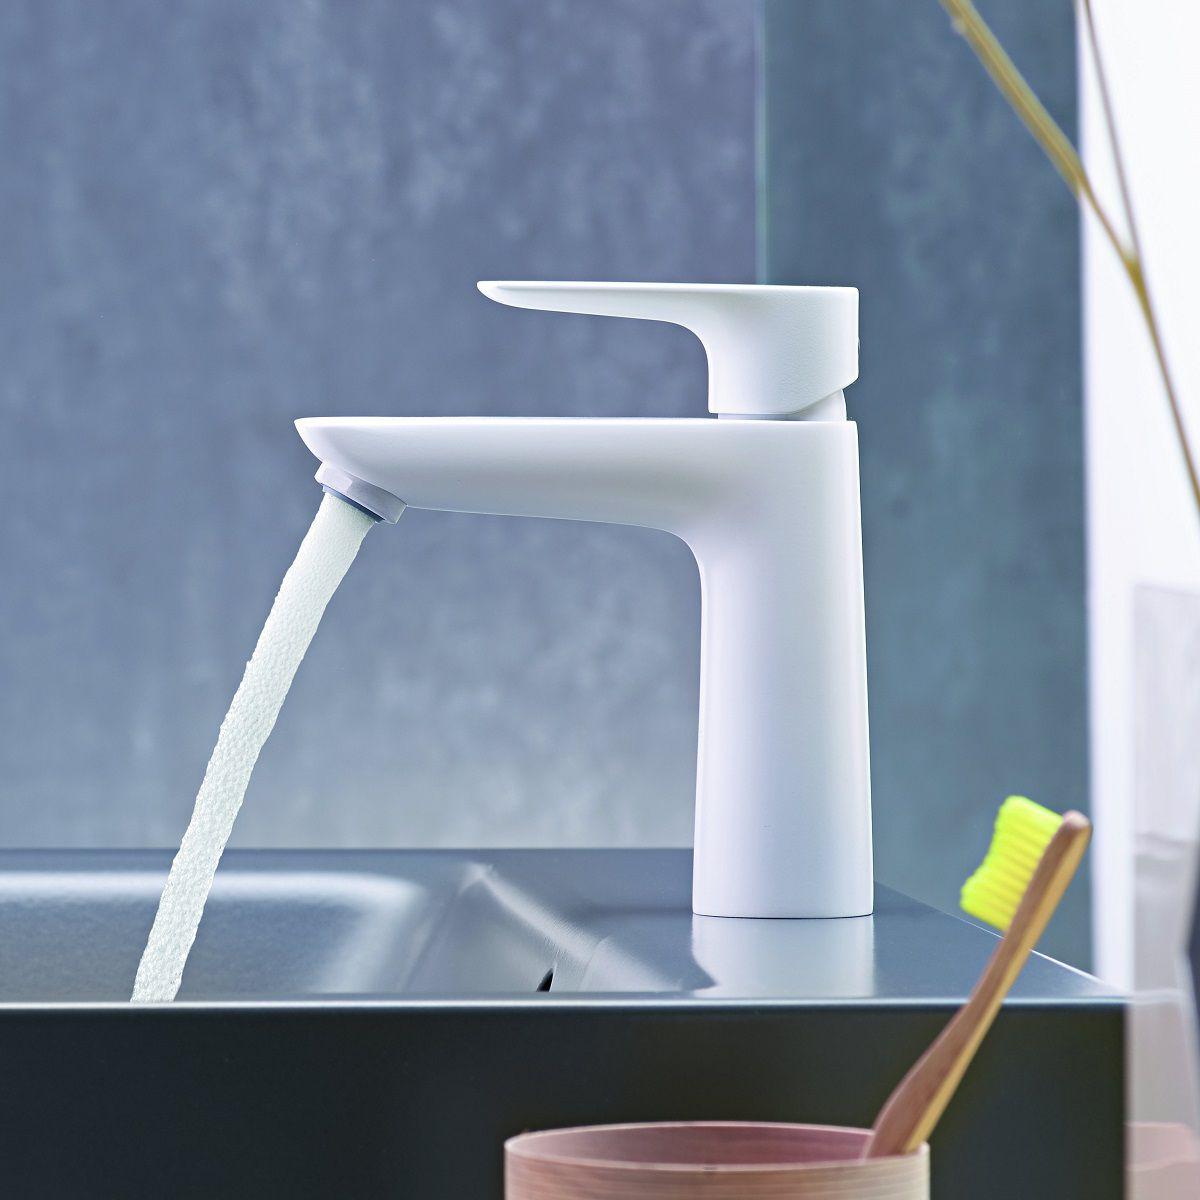 Monobloc basin tap